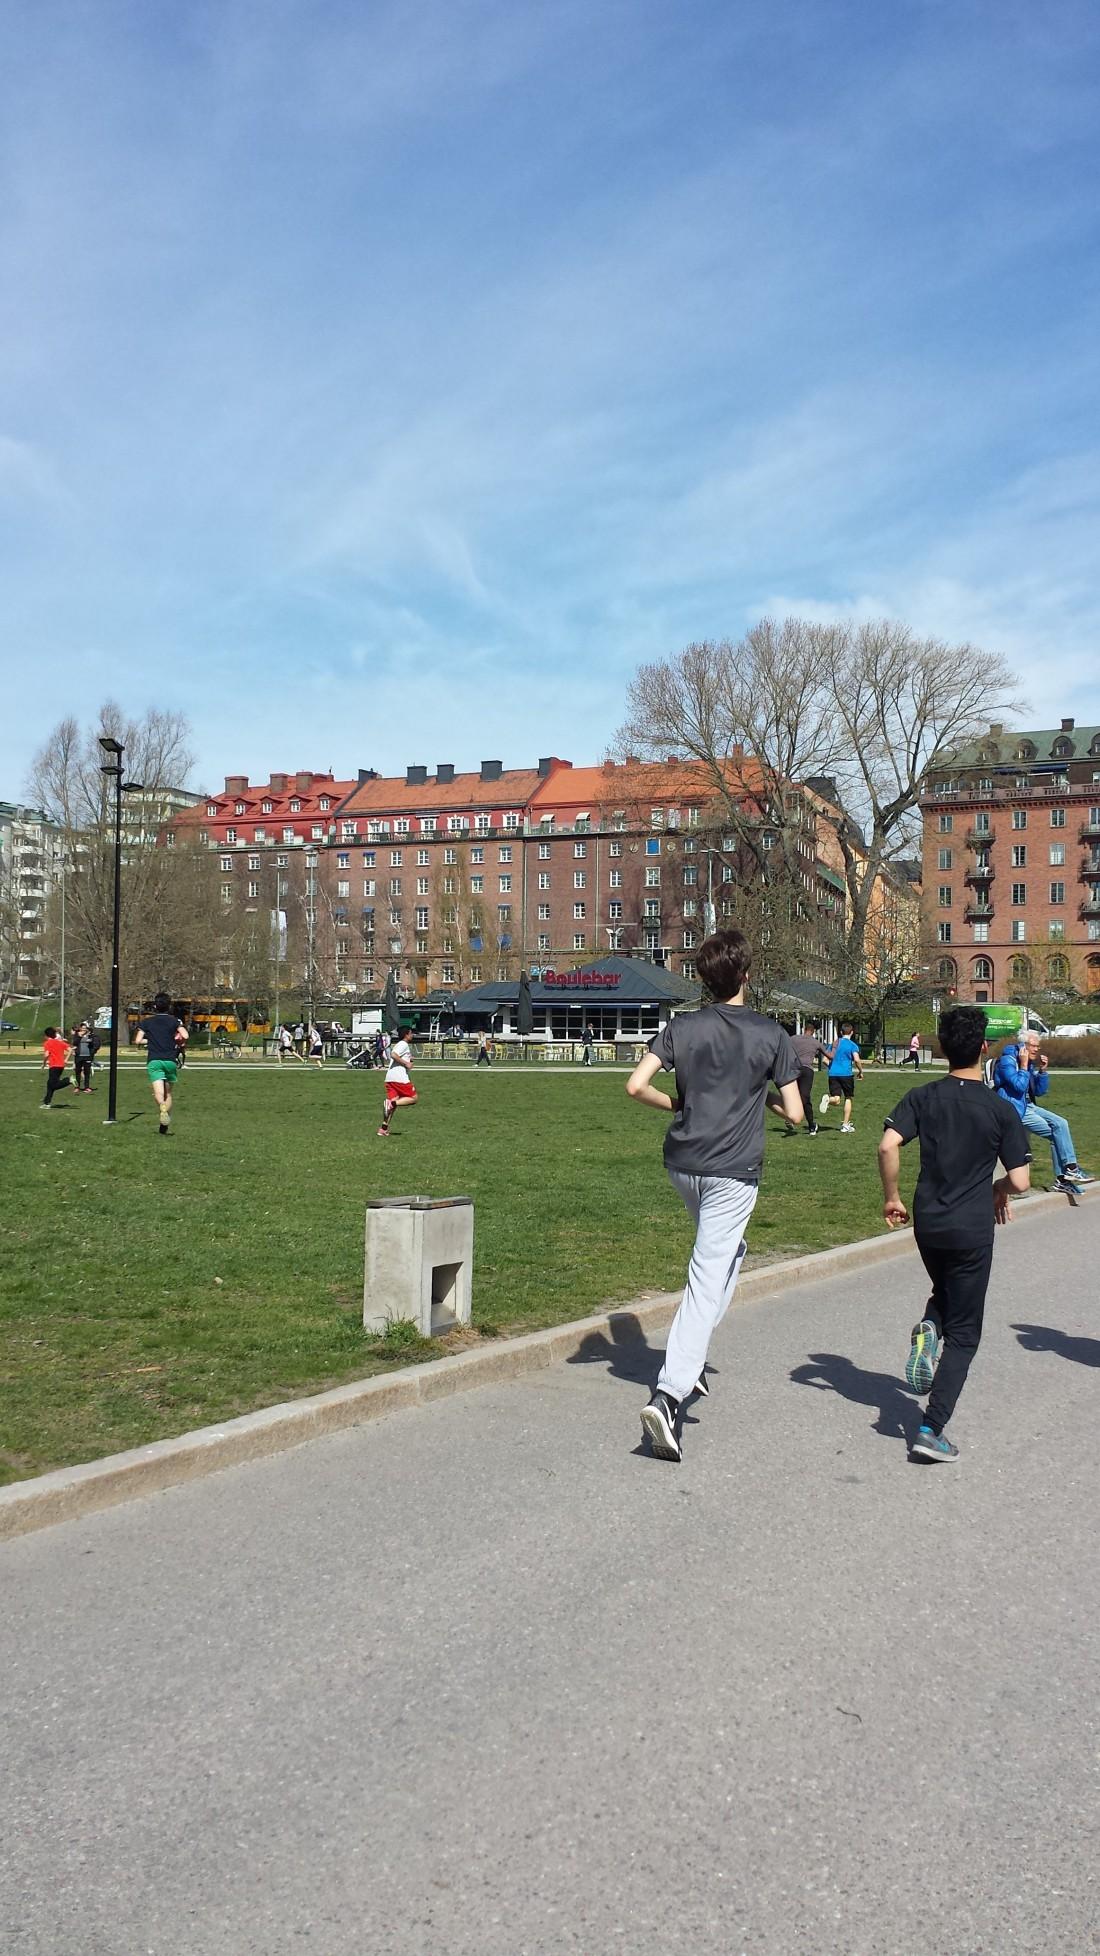 Träning i parker